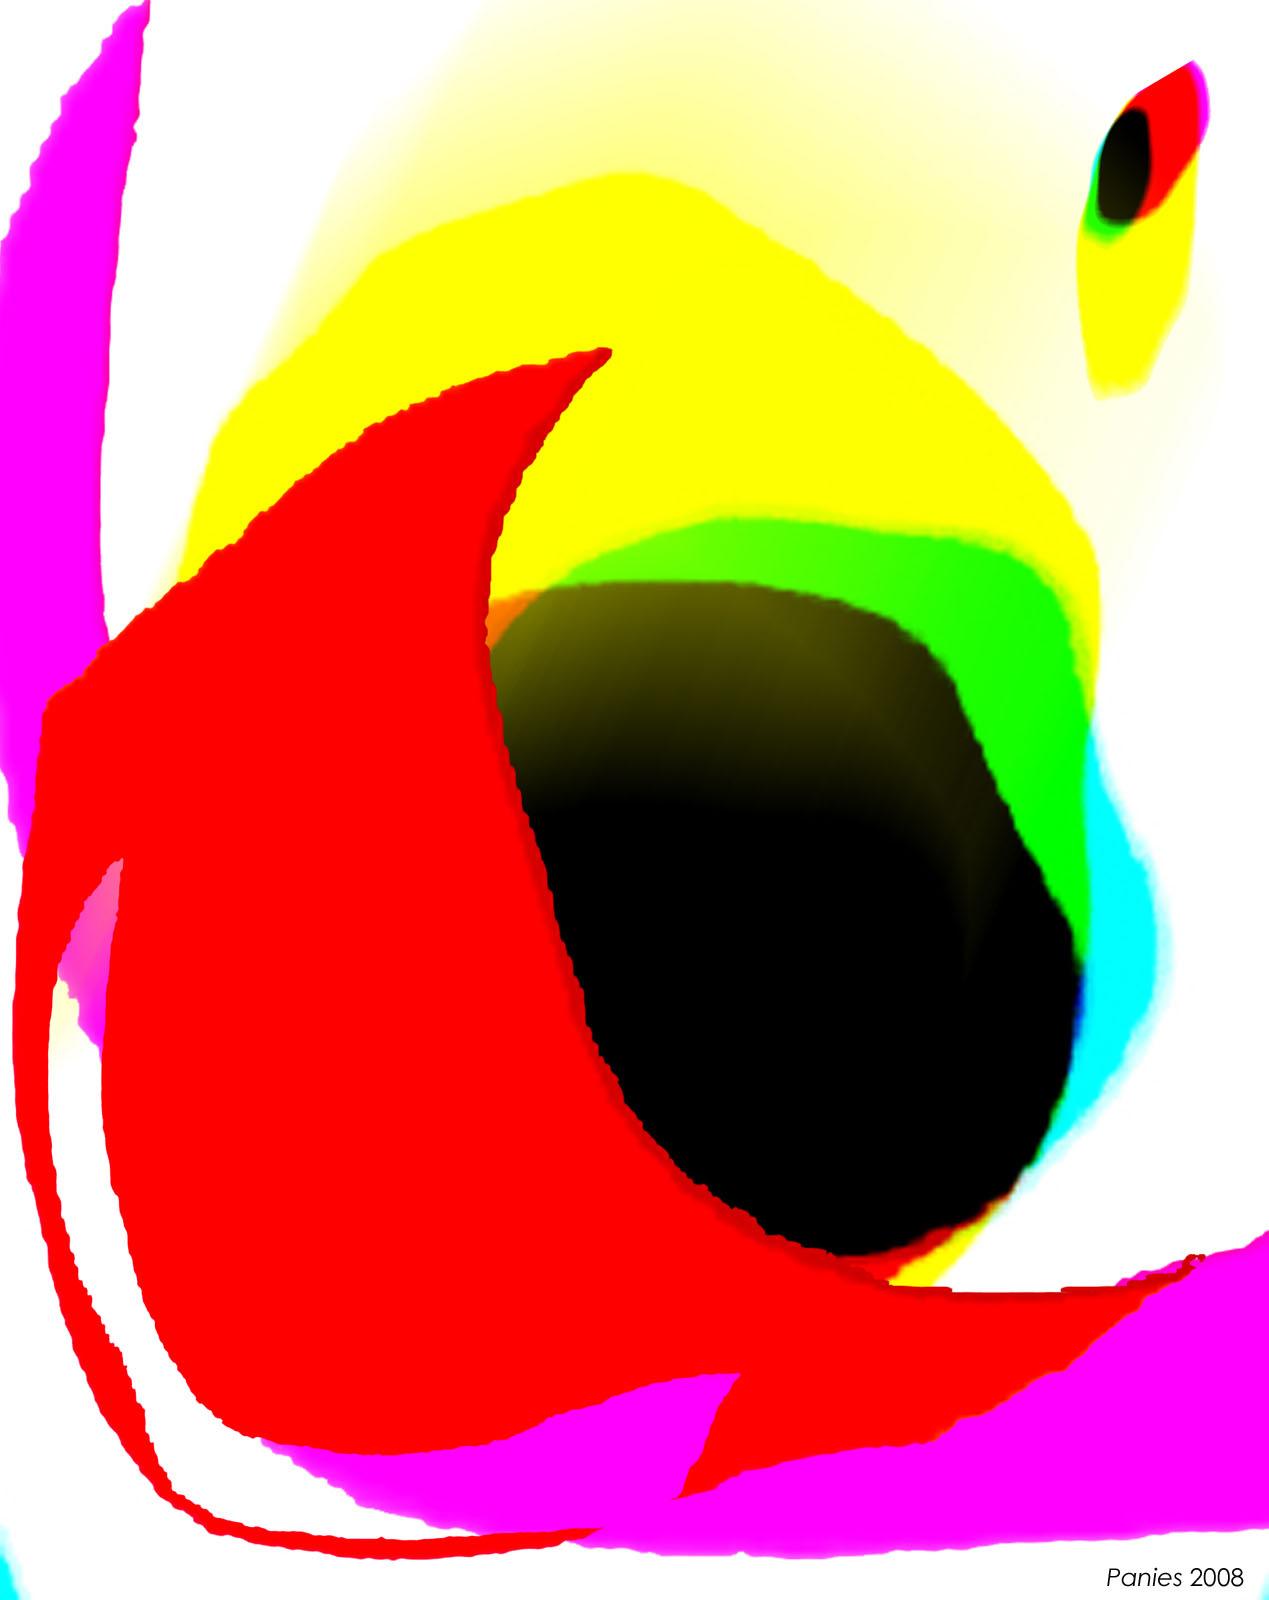 panies-danielvillalobos-art-digital-abstract-14